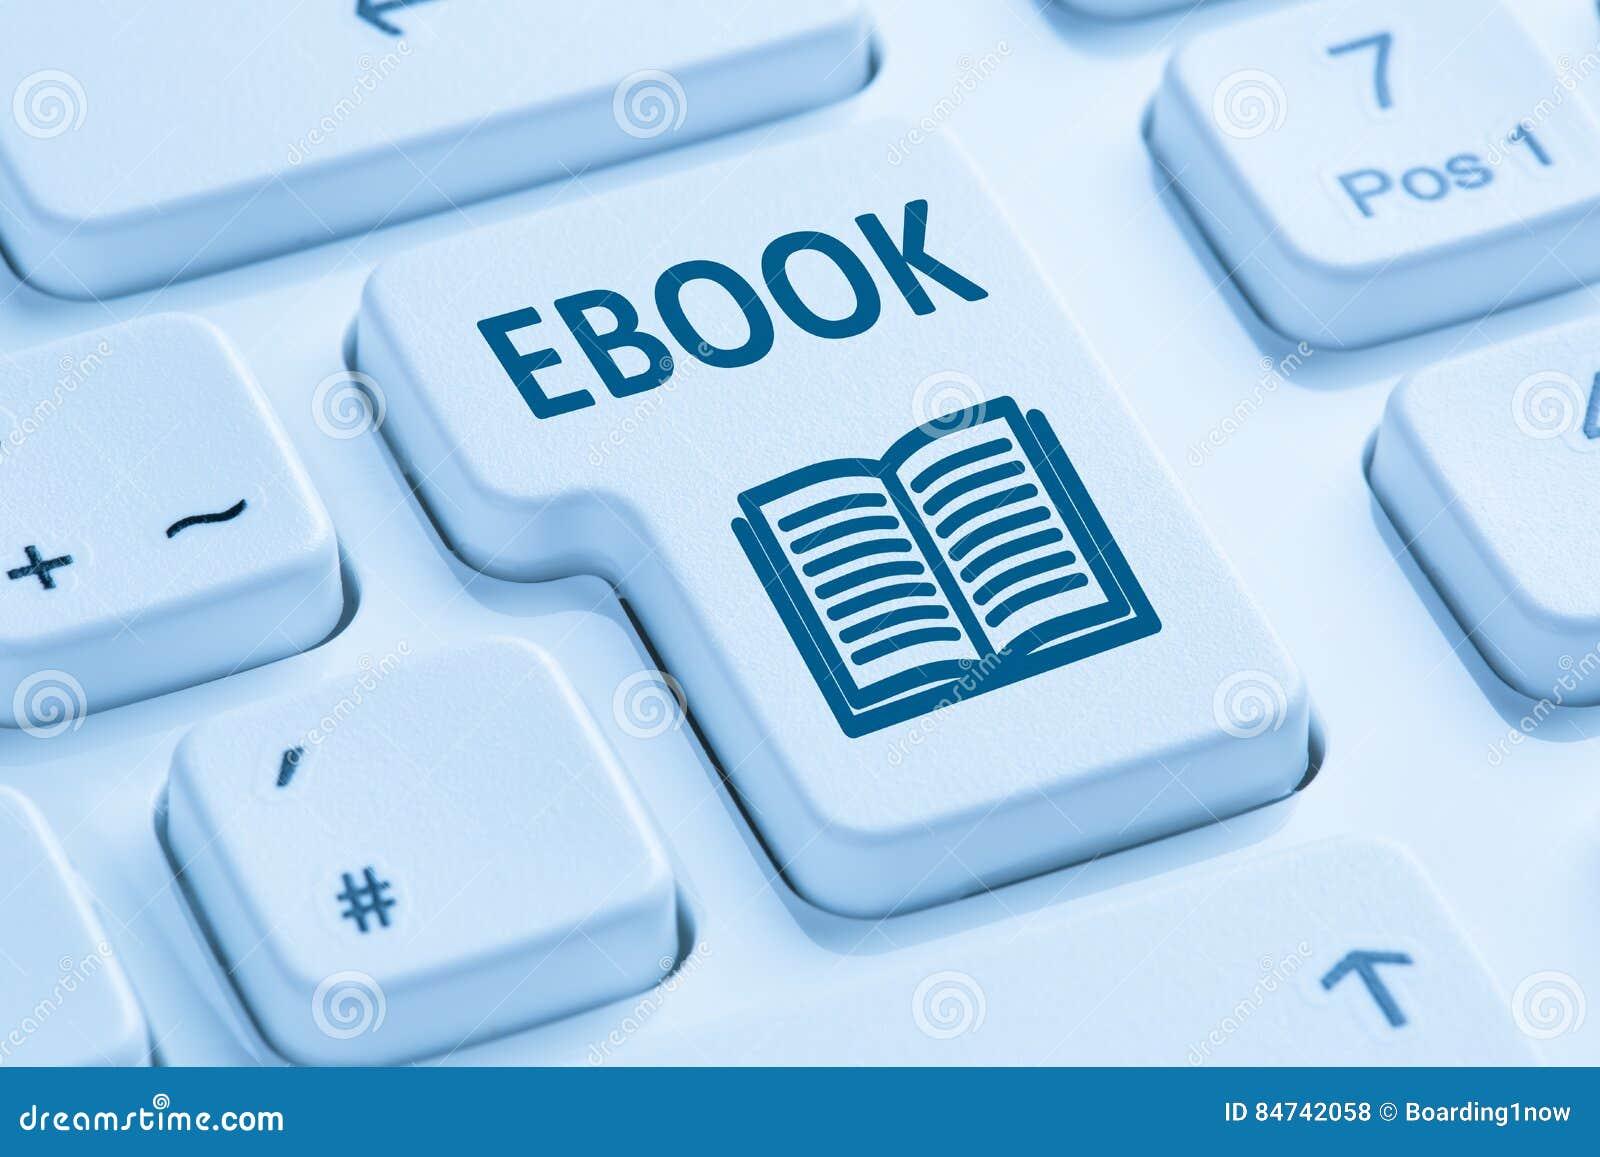 Ebook que ordena ebook transfiere el teclado de ordenador - Foto teclado ordenador ...